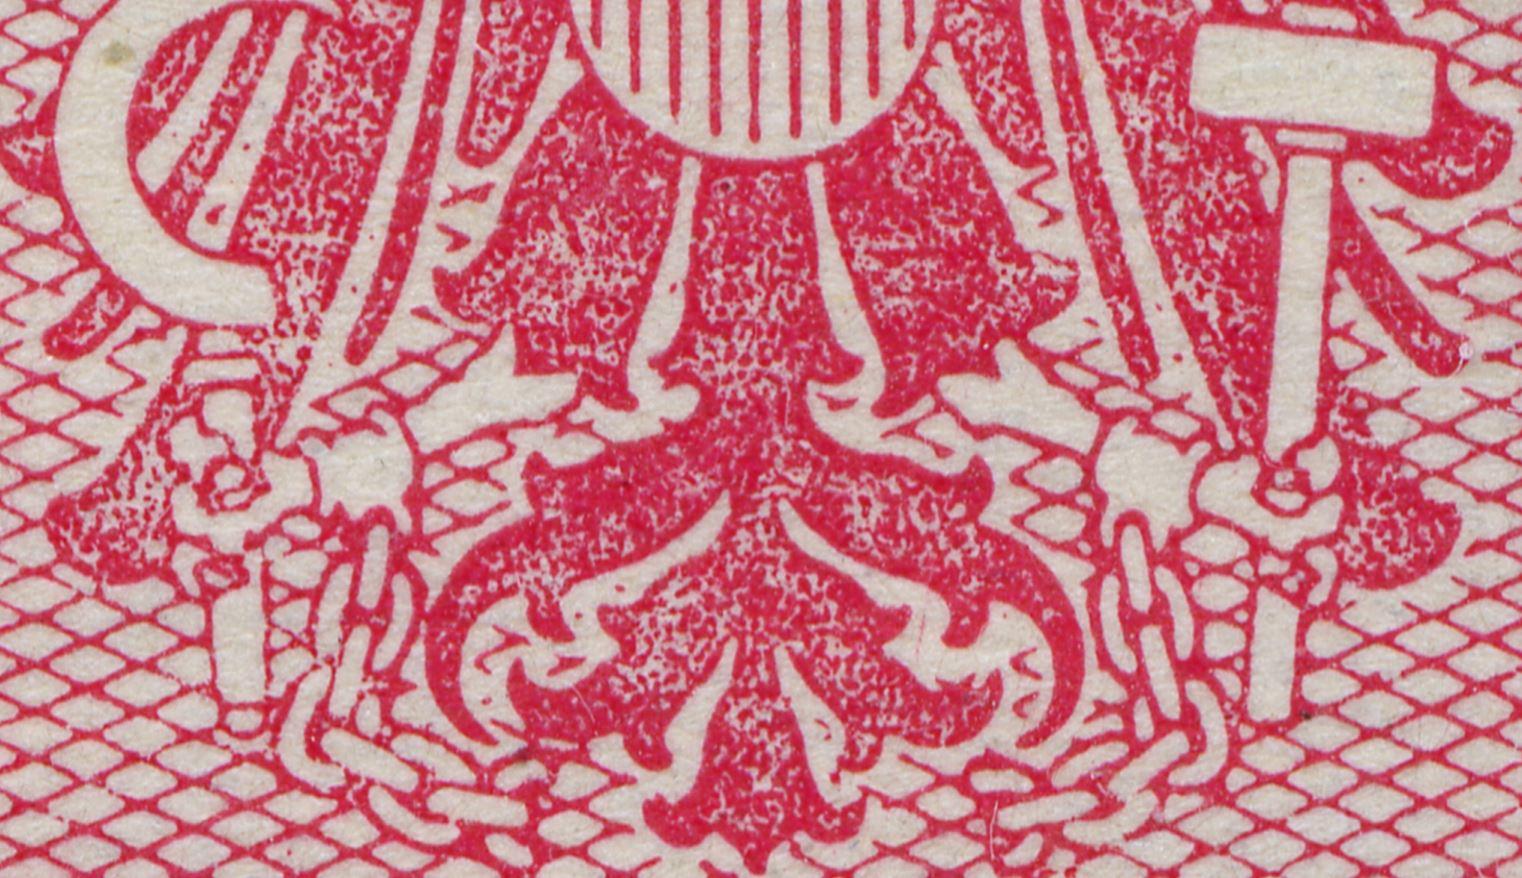 1945 Wappenzeichnung - Seite 4 At_1945_wappen_12_metall_gummi_15